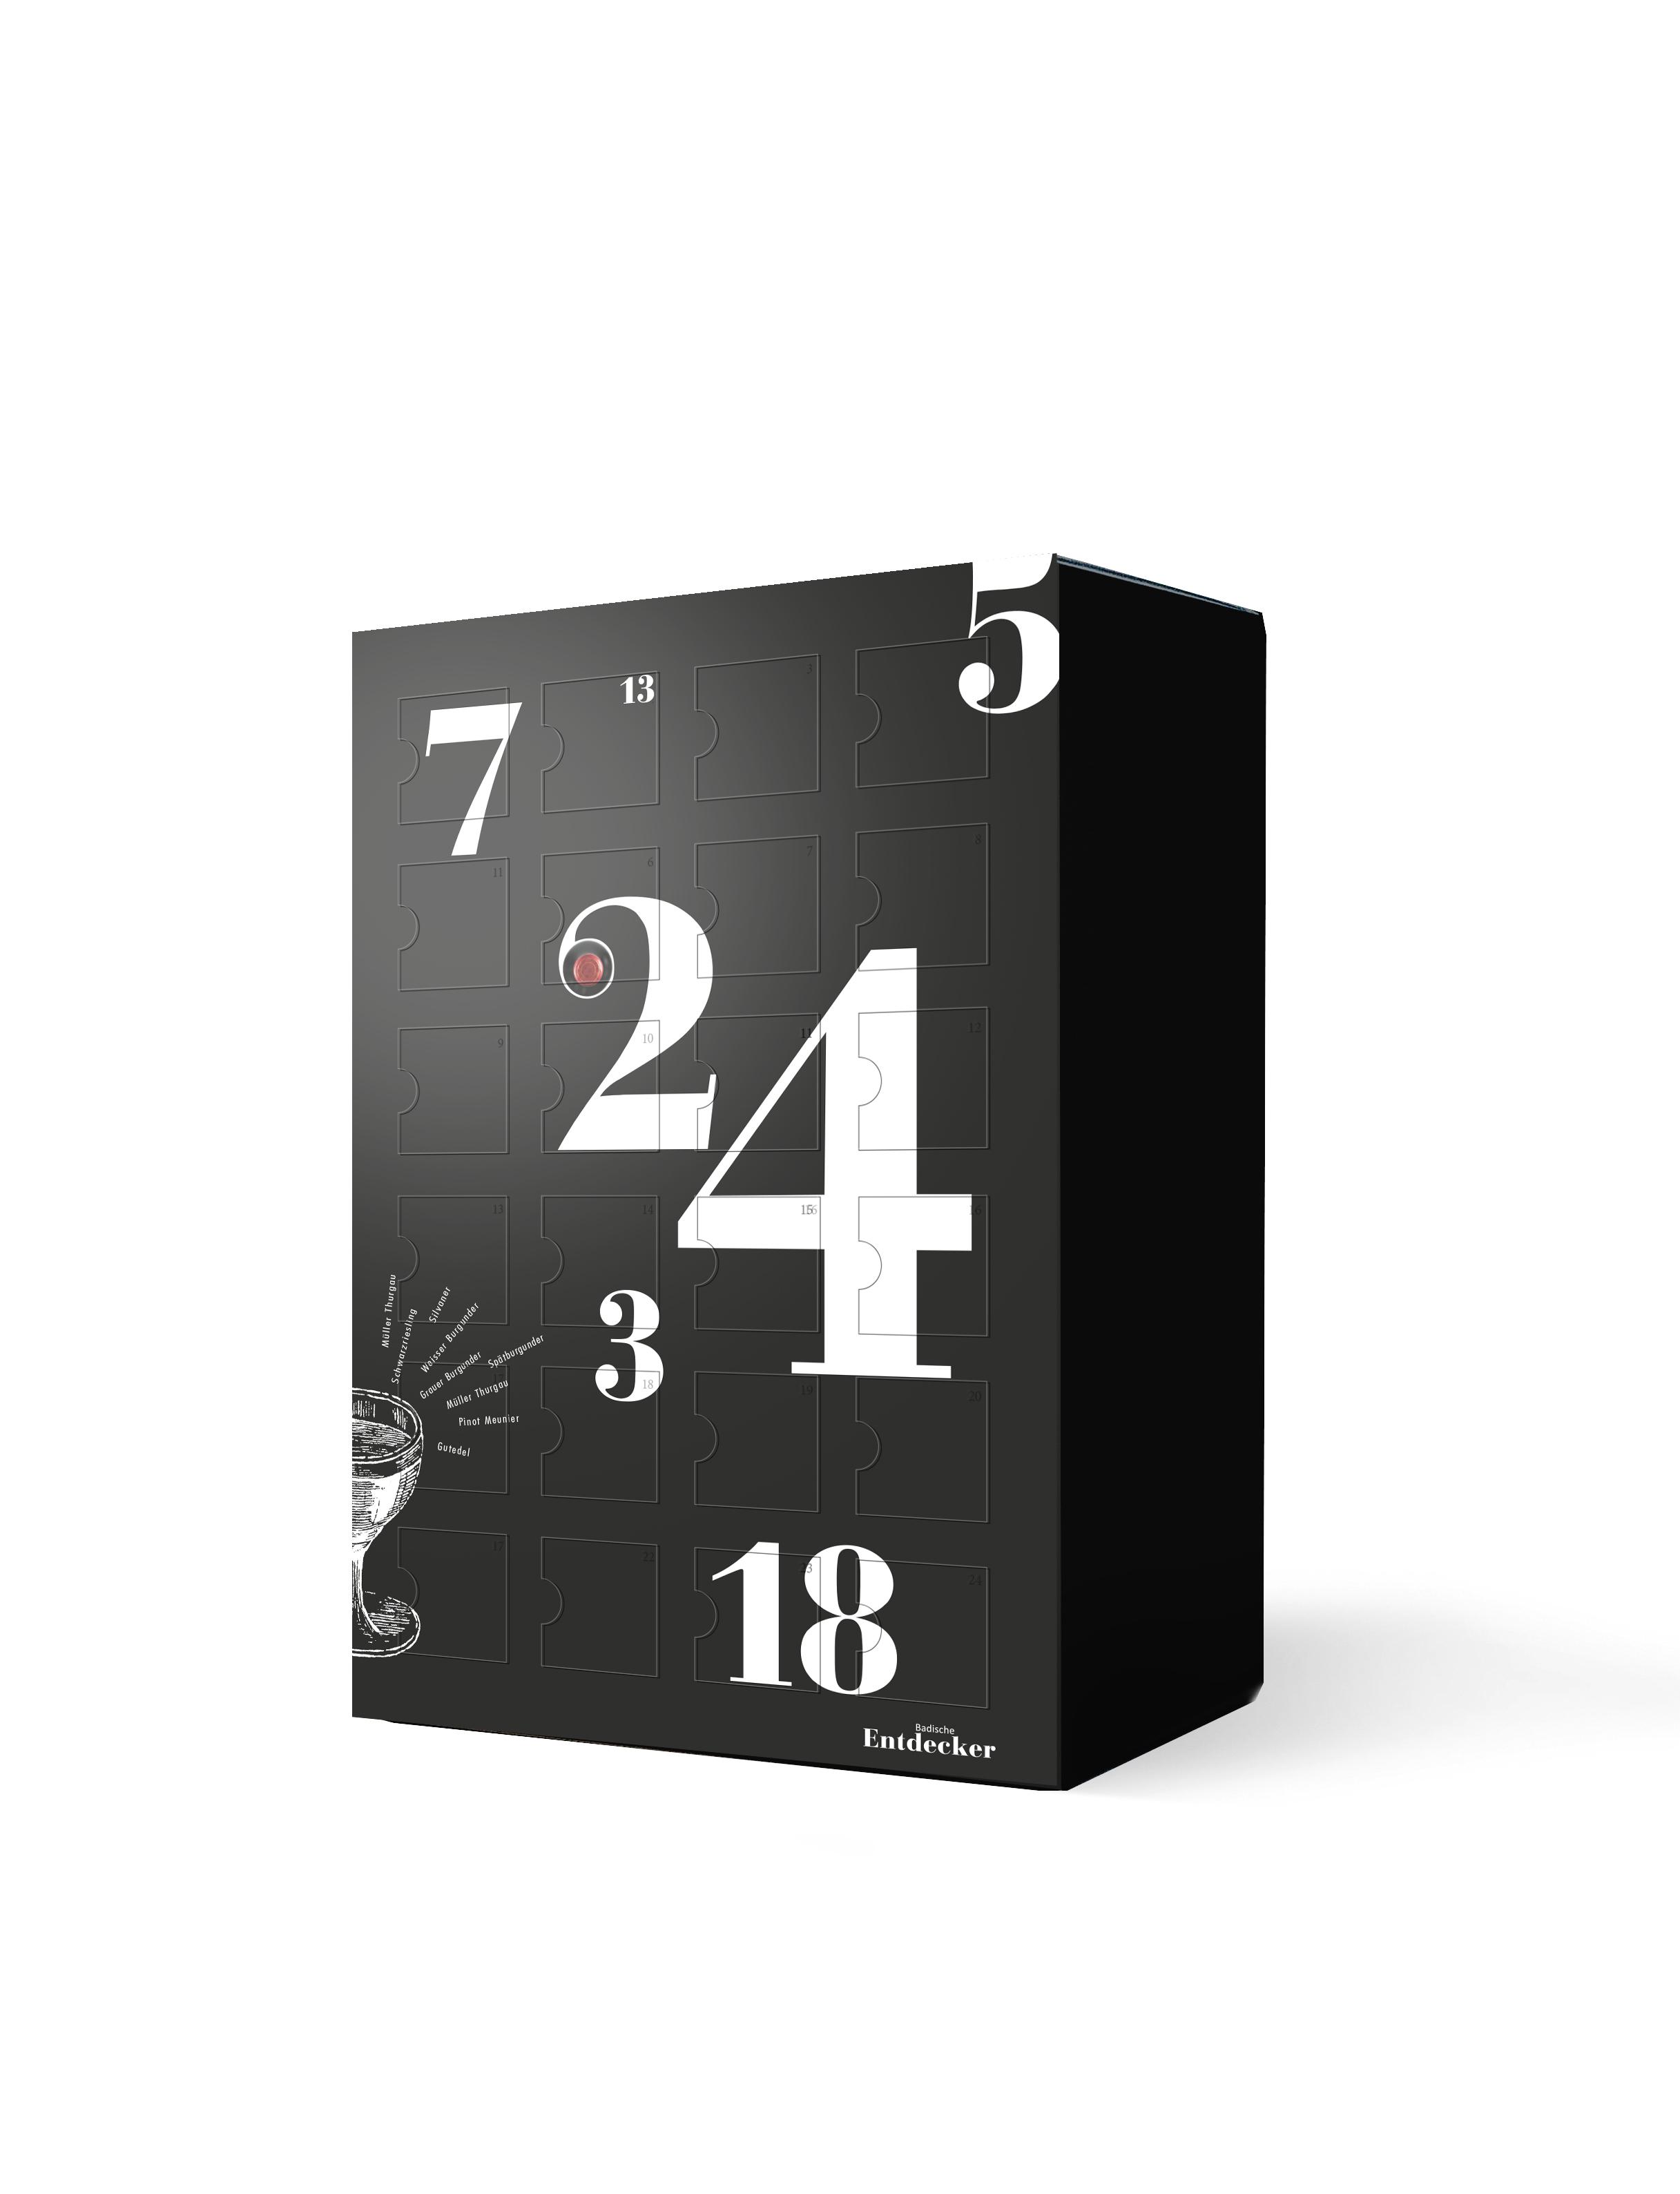 WEINBOX – Der badische Adventskalender ab sofort wieder verfügbar